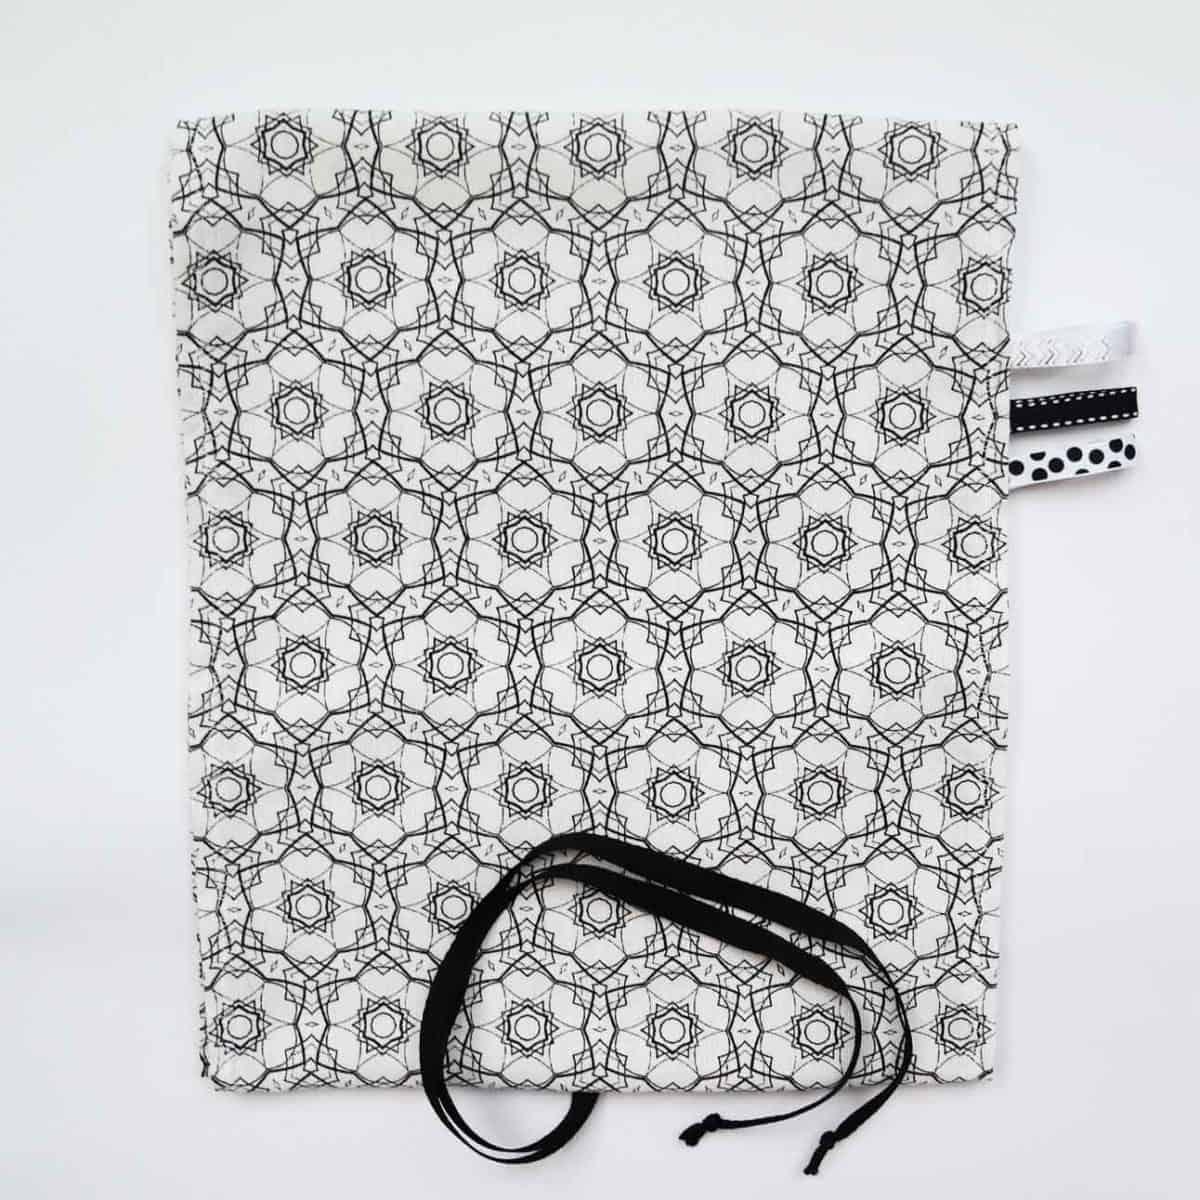 Beschermband omkleedkussen kaleidoscoop